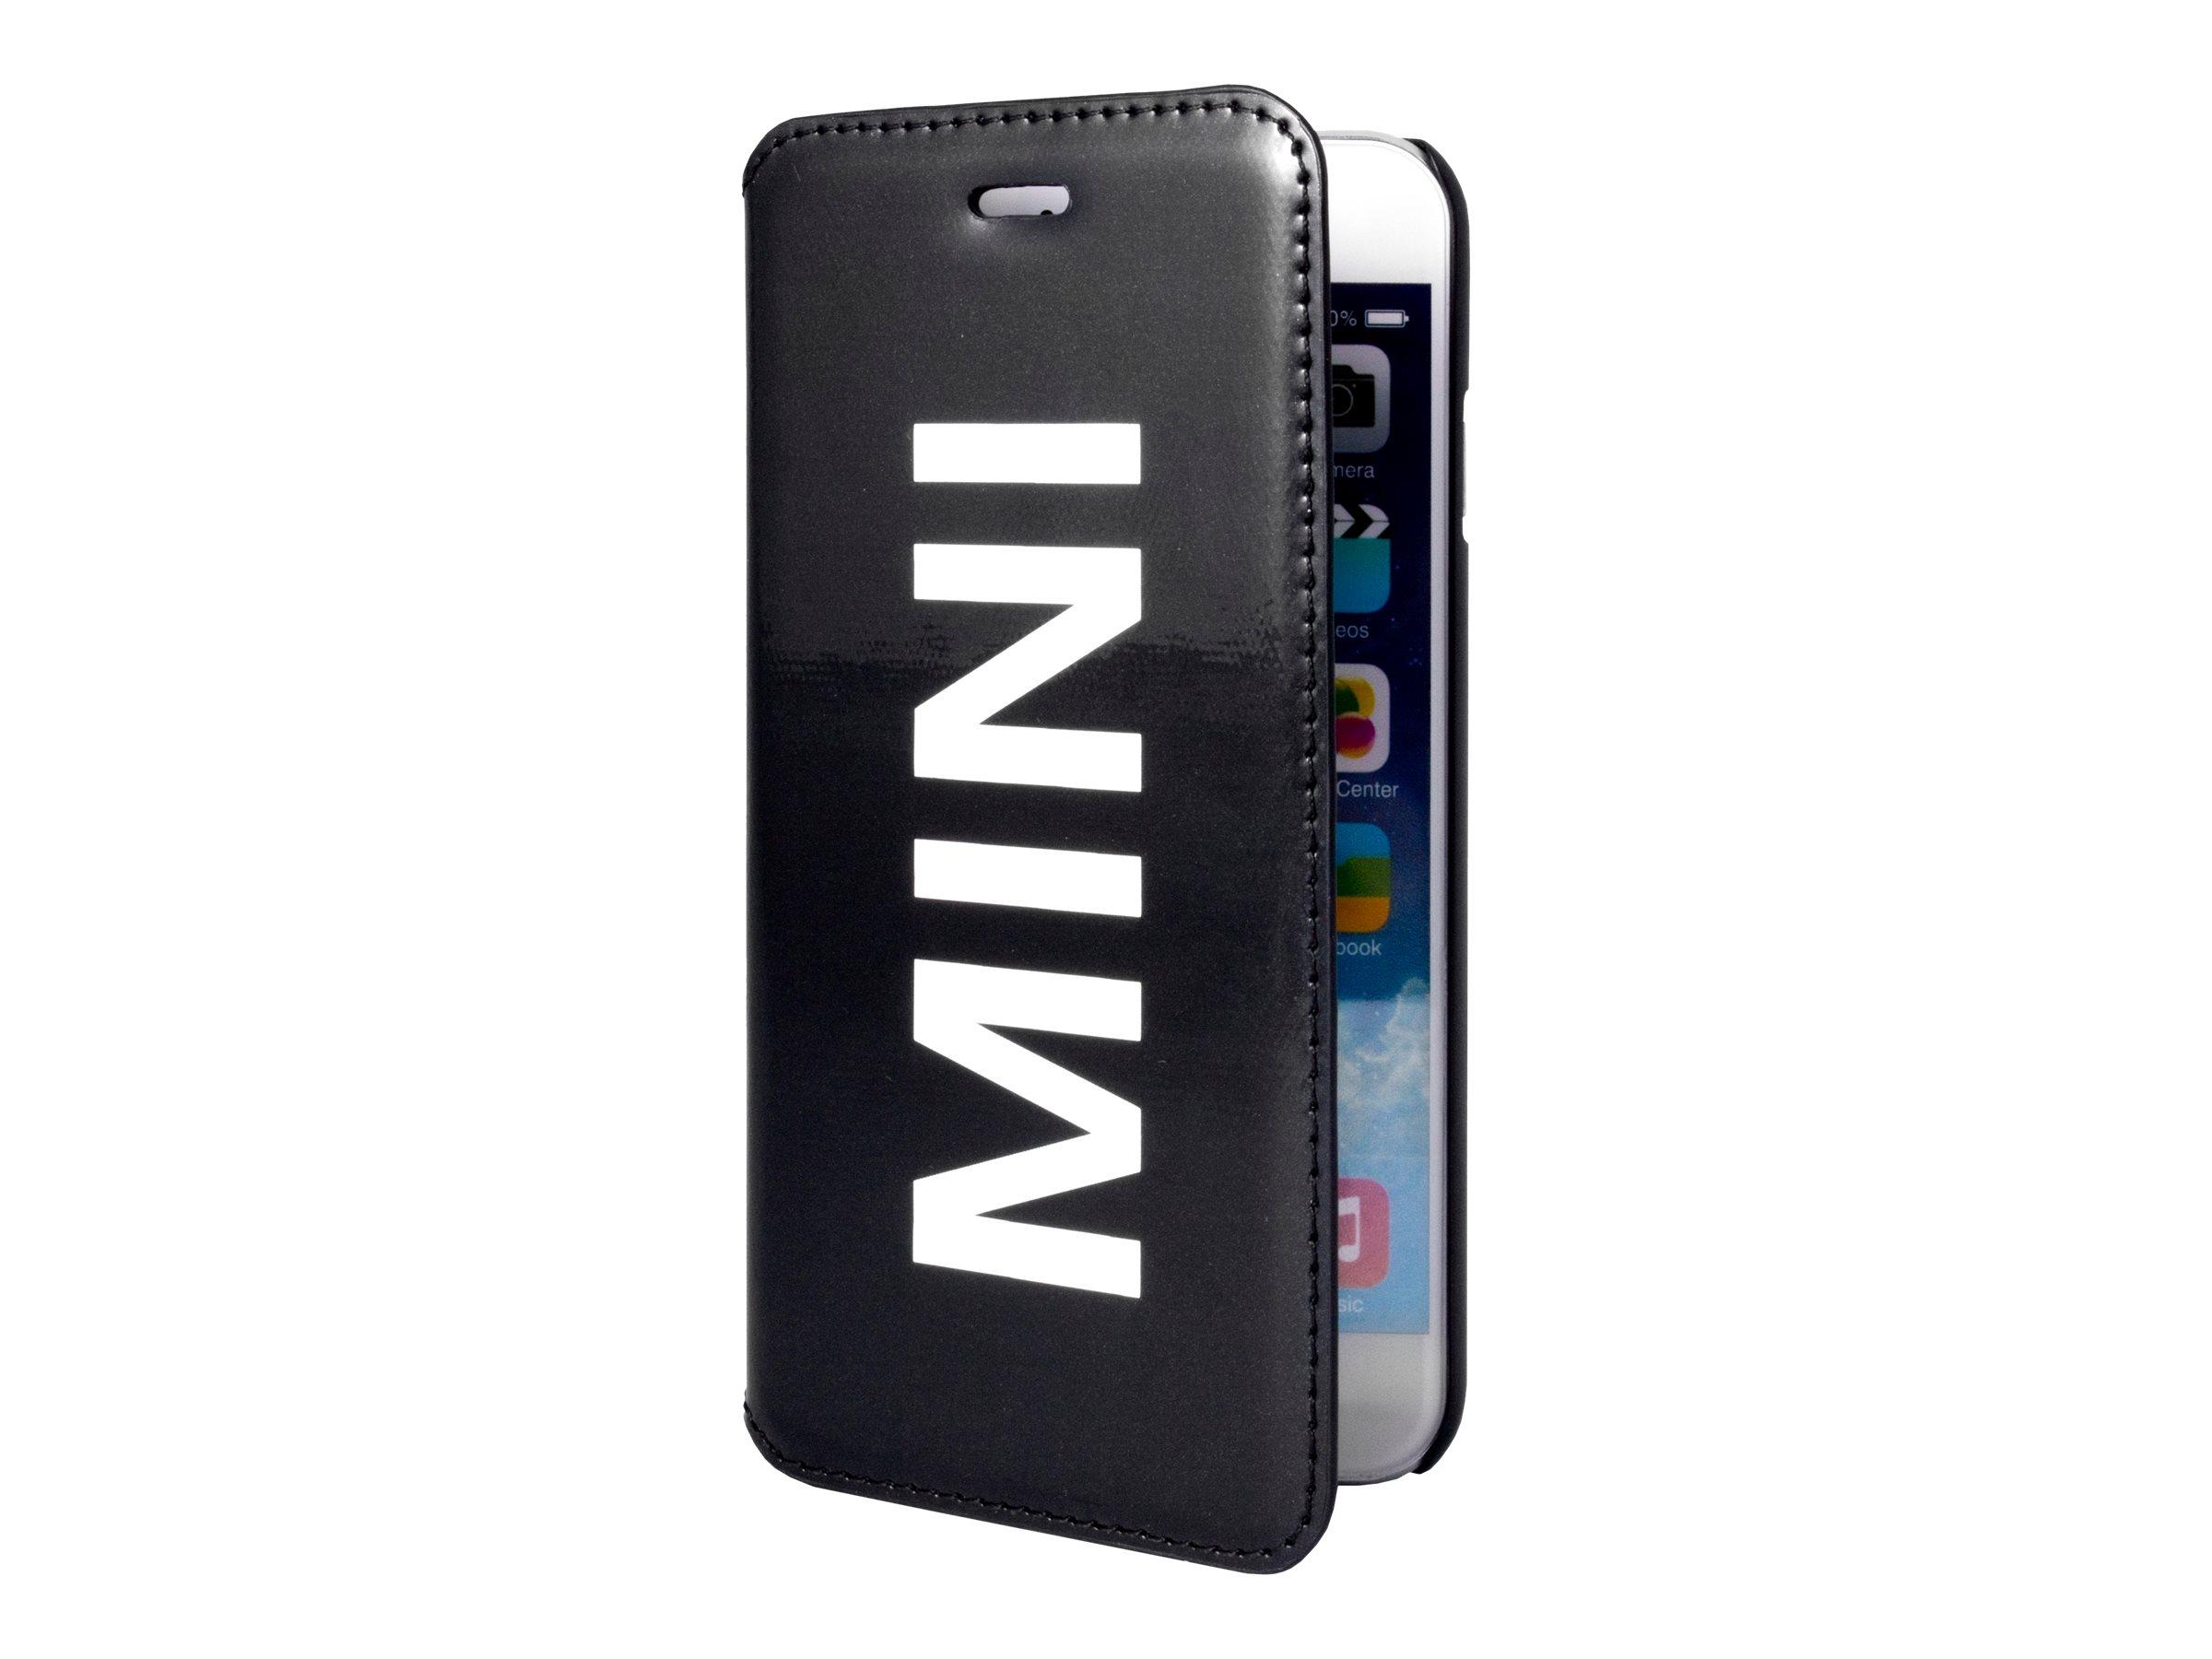 MINI étui Folio - Protection à rabat  pour iPhone 6 Plus - vinyle noir